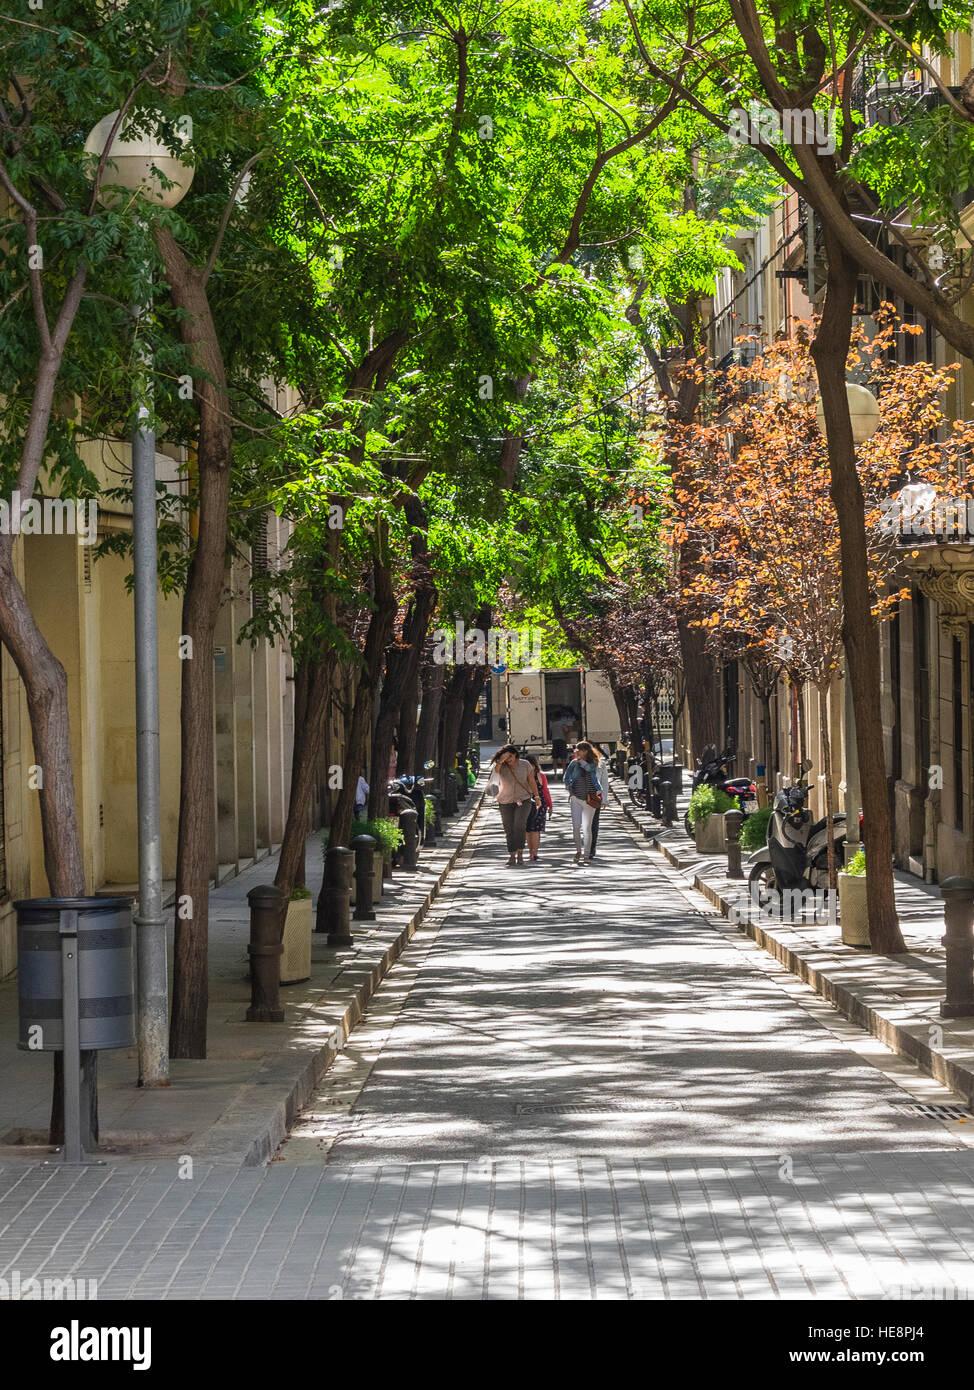 Los adultos caminen juntos a lo largo de una estrecha calle bordeada de árboles en Barcelona, España. Foto de stock